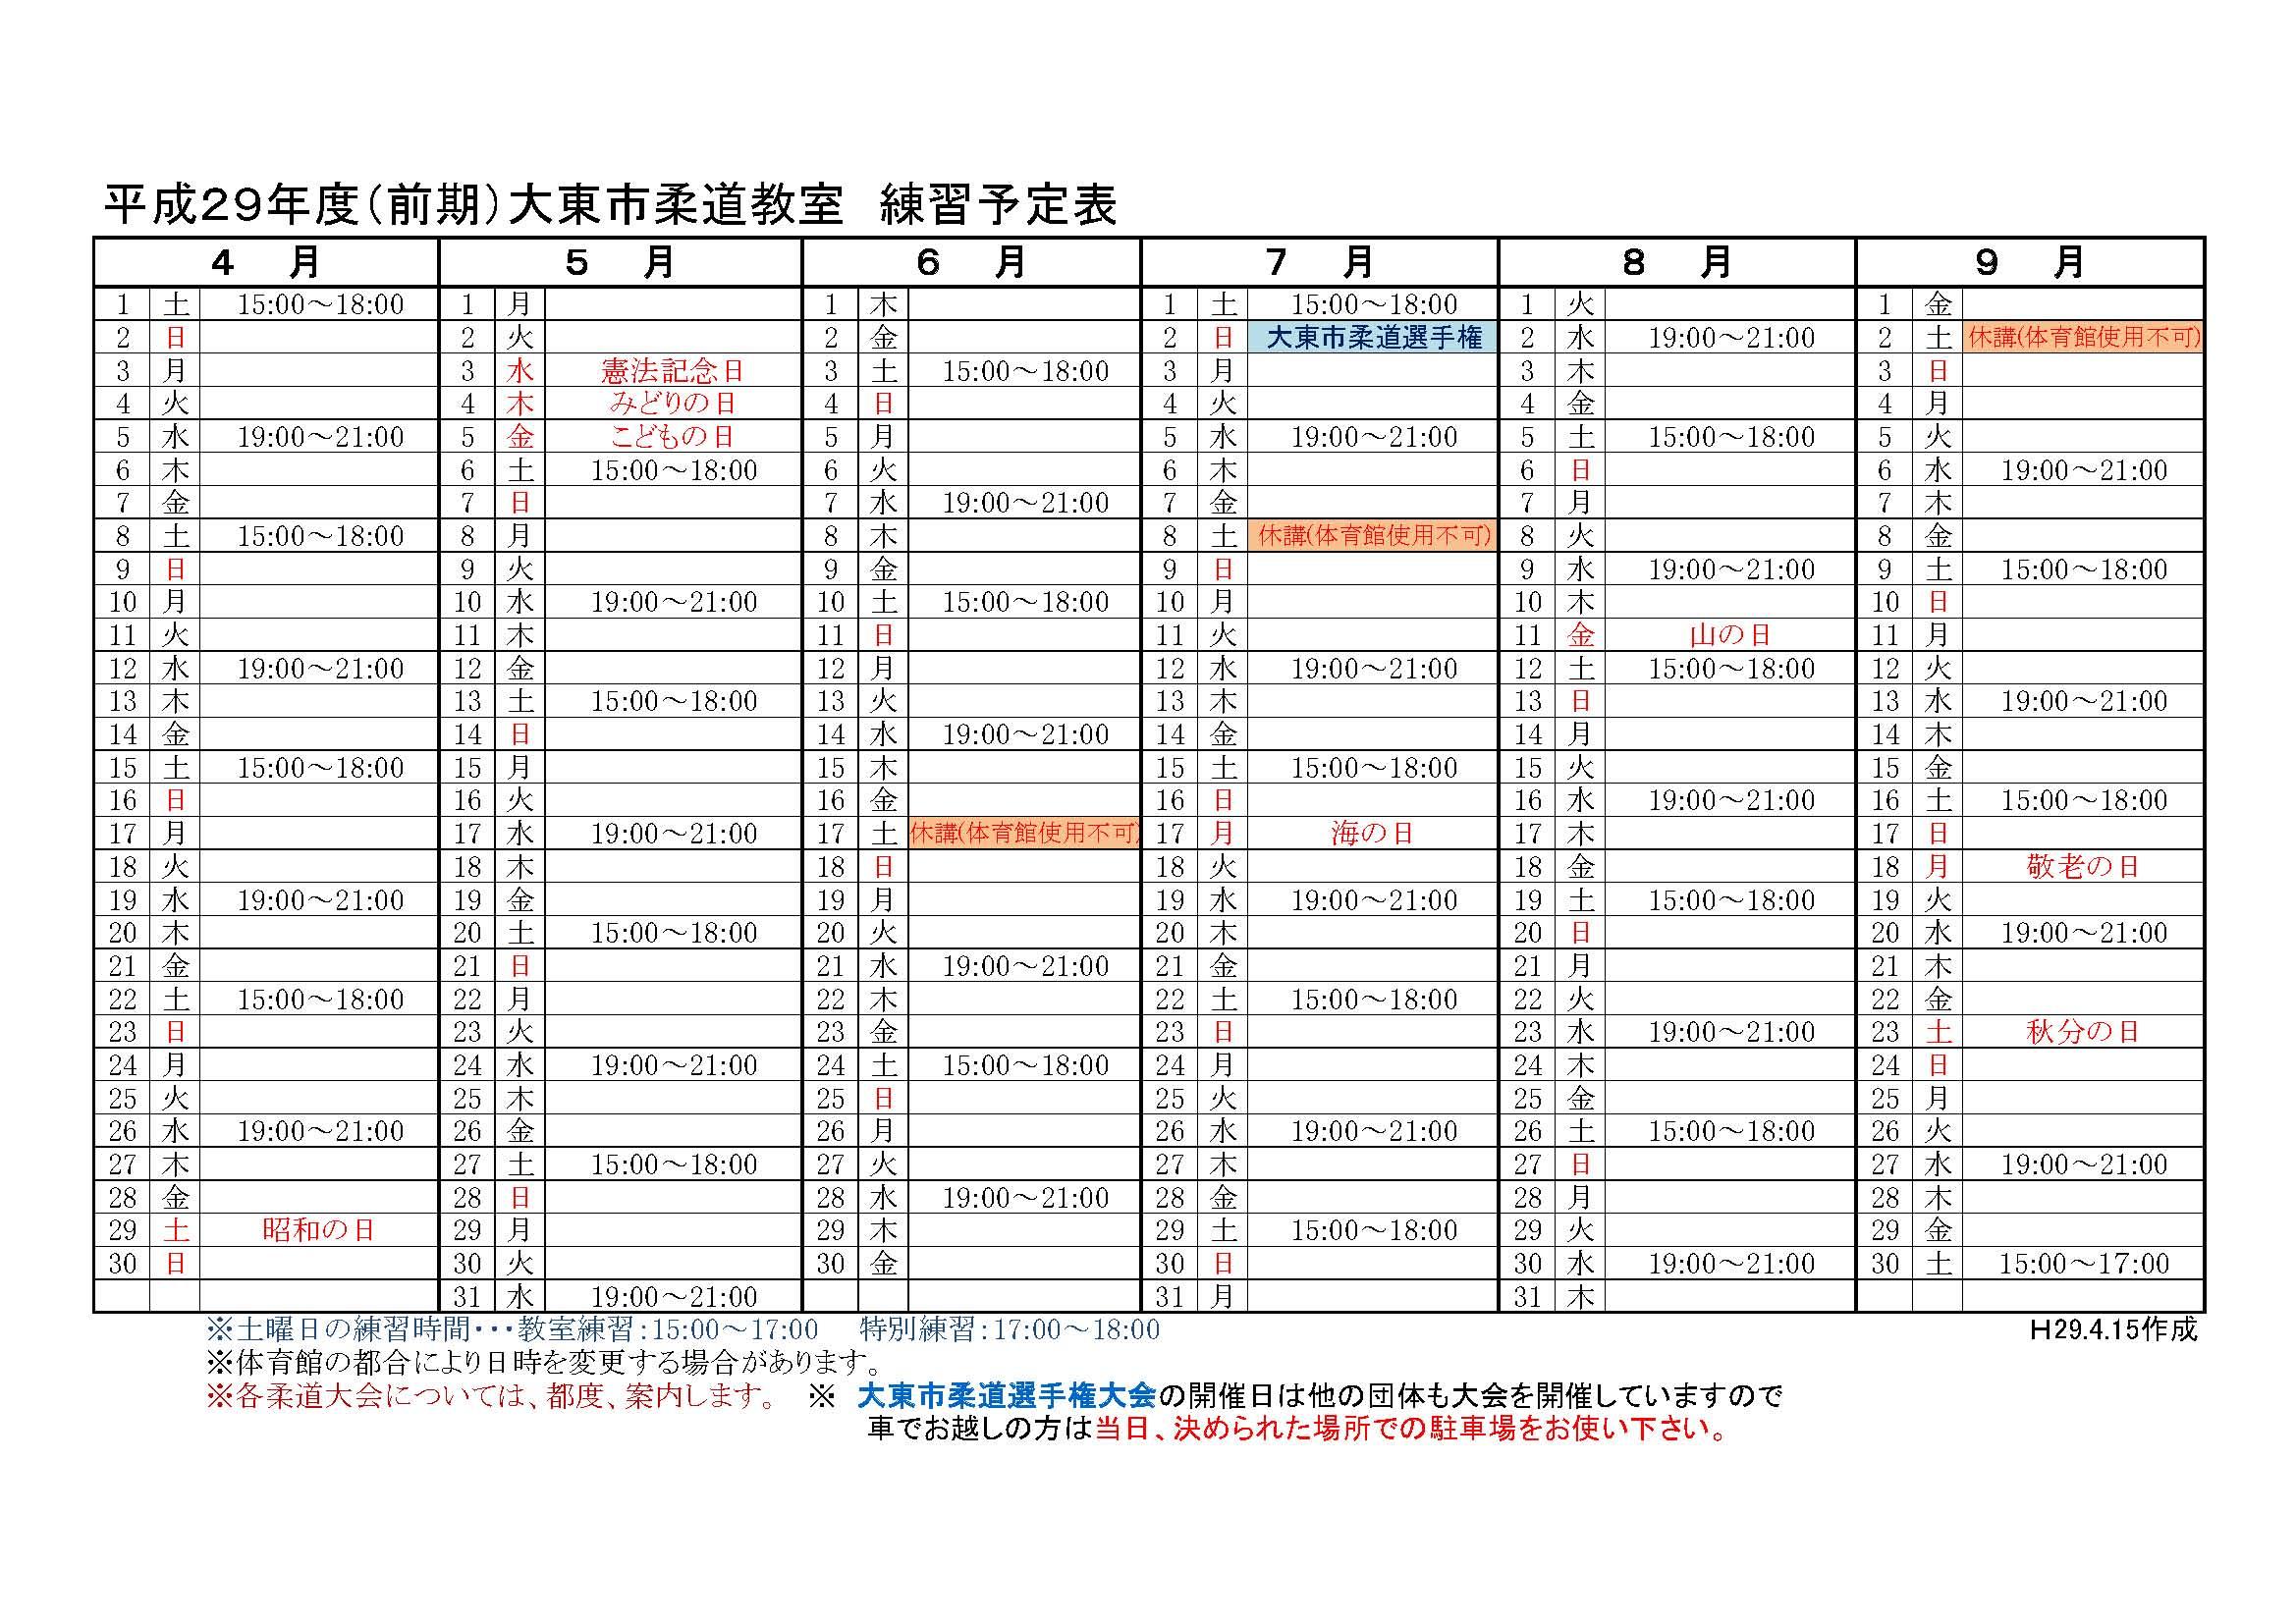 平成28年度 前期カレンダー